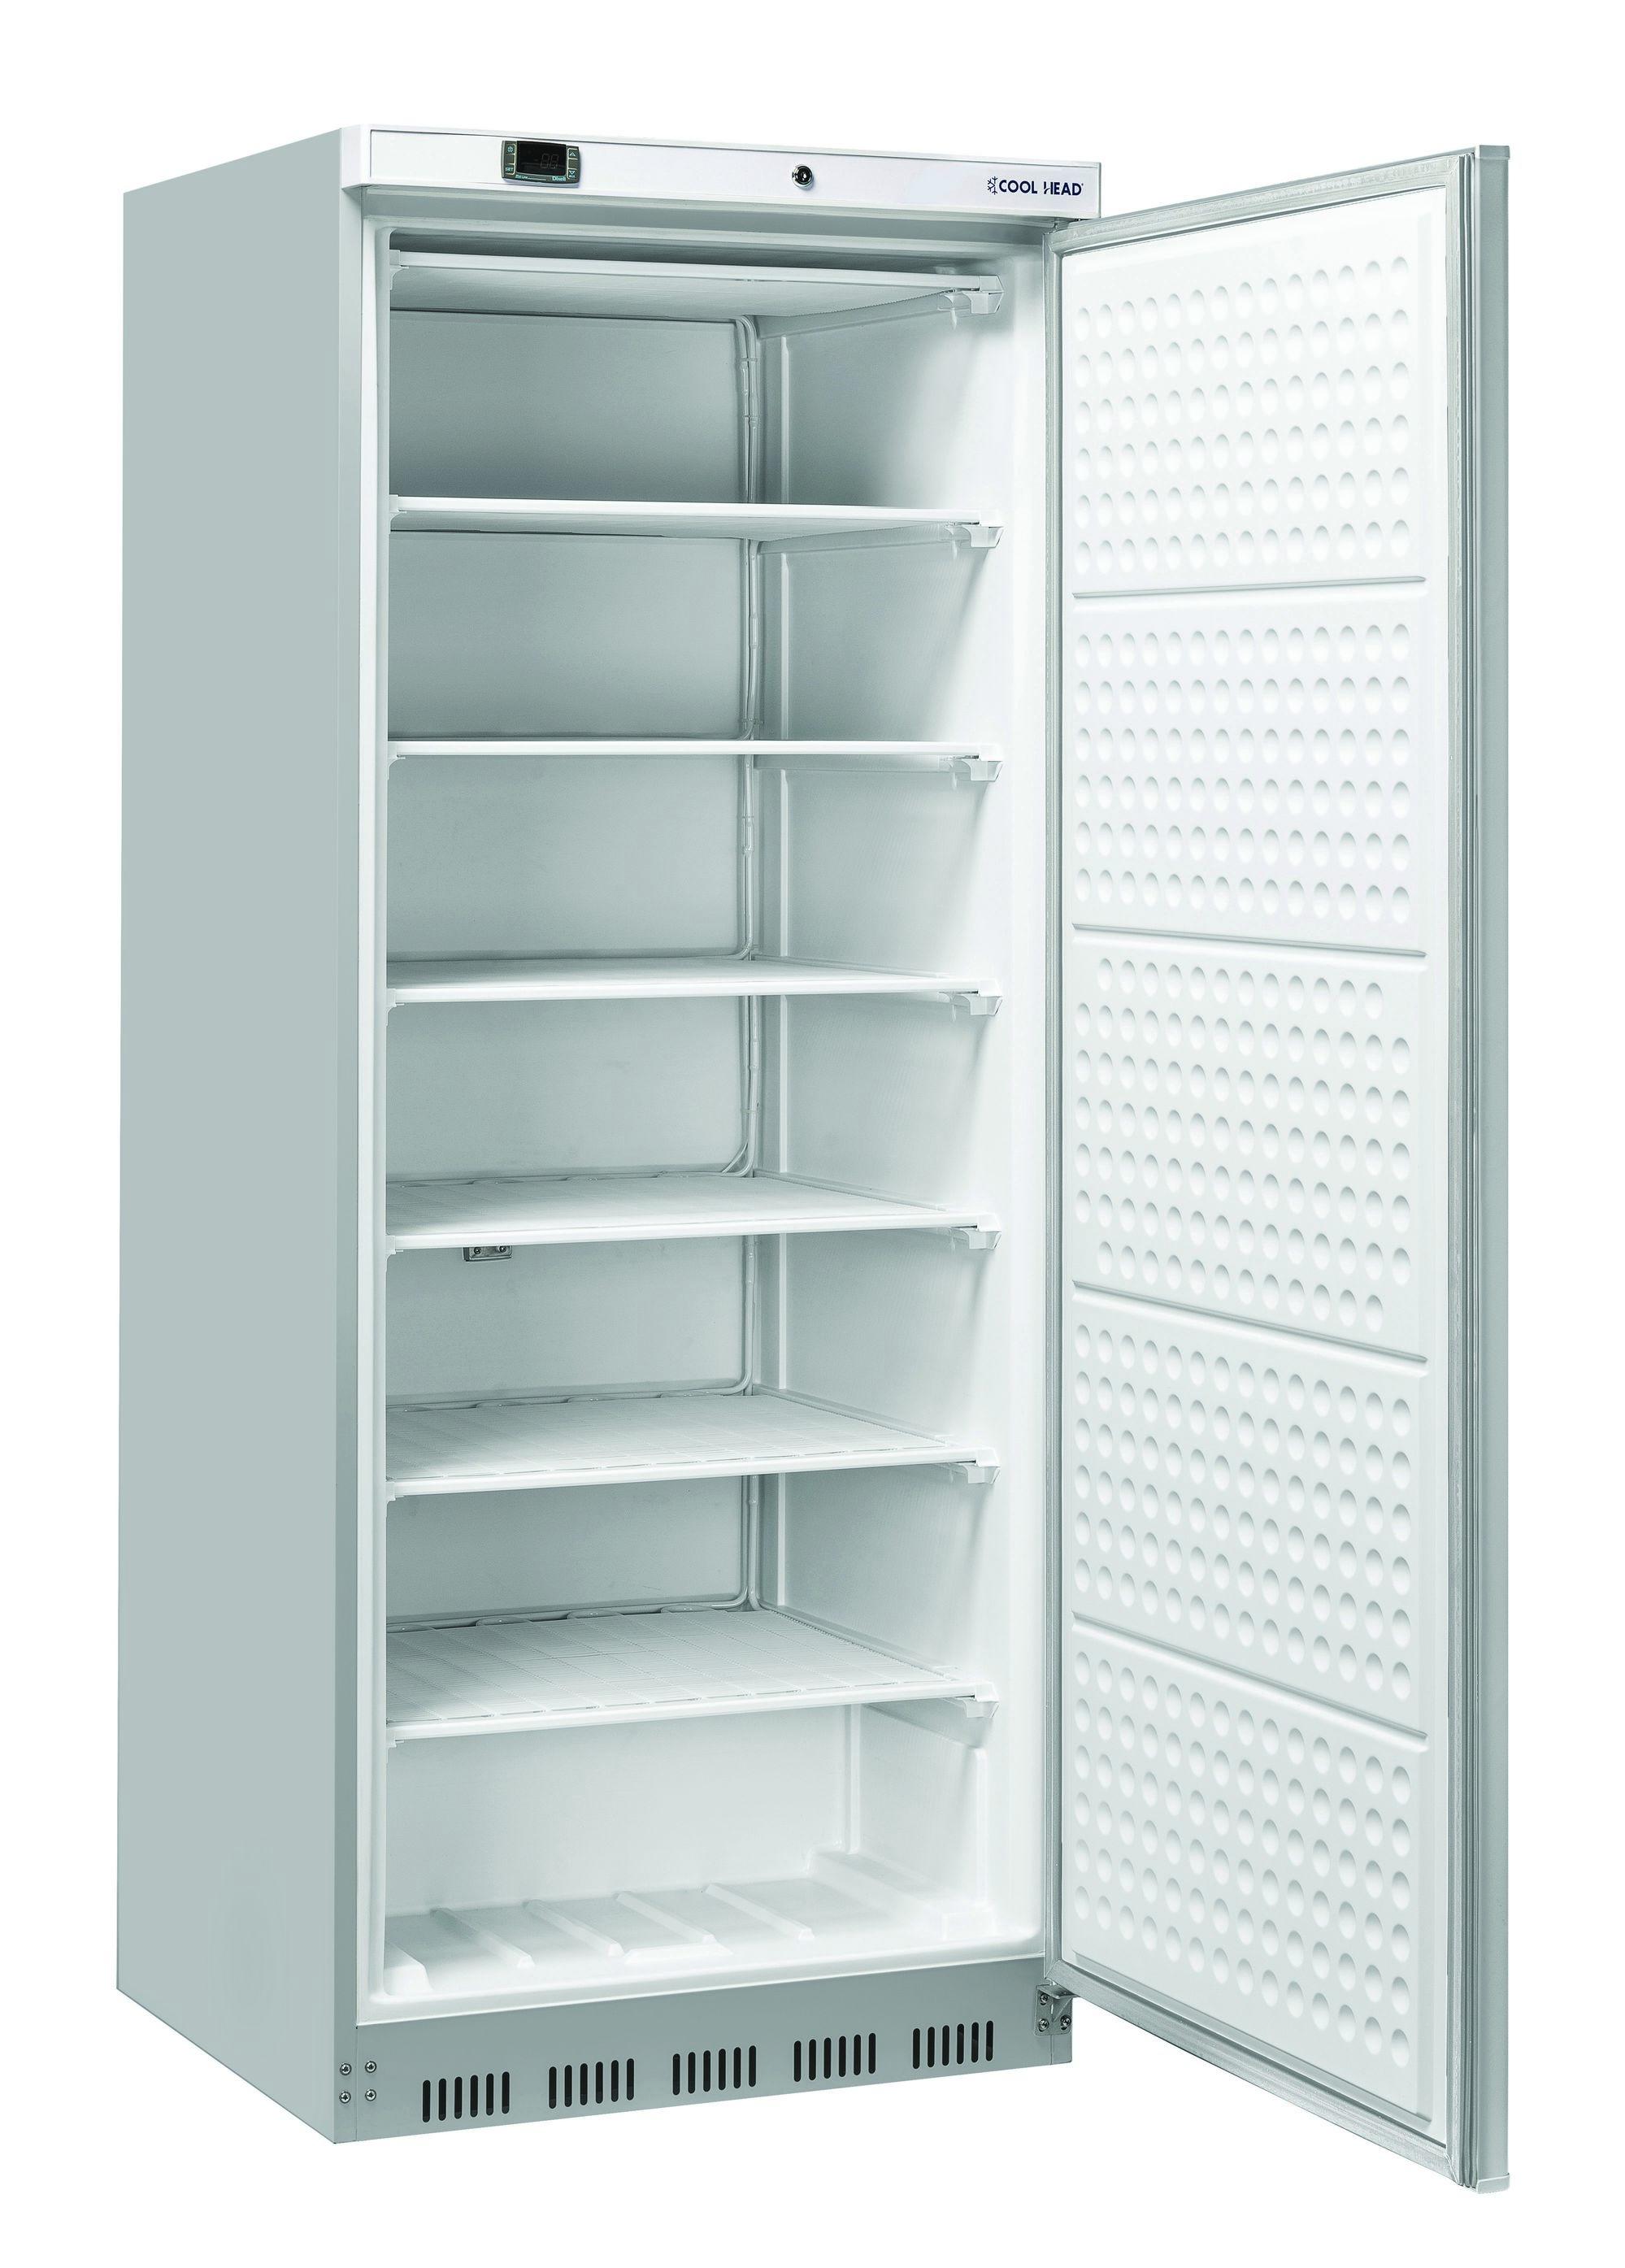 600 literes mélyhűtő, statikus hűtéssel, teli ajtóval, rozsdamentes, -18/-22°C